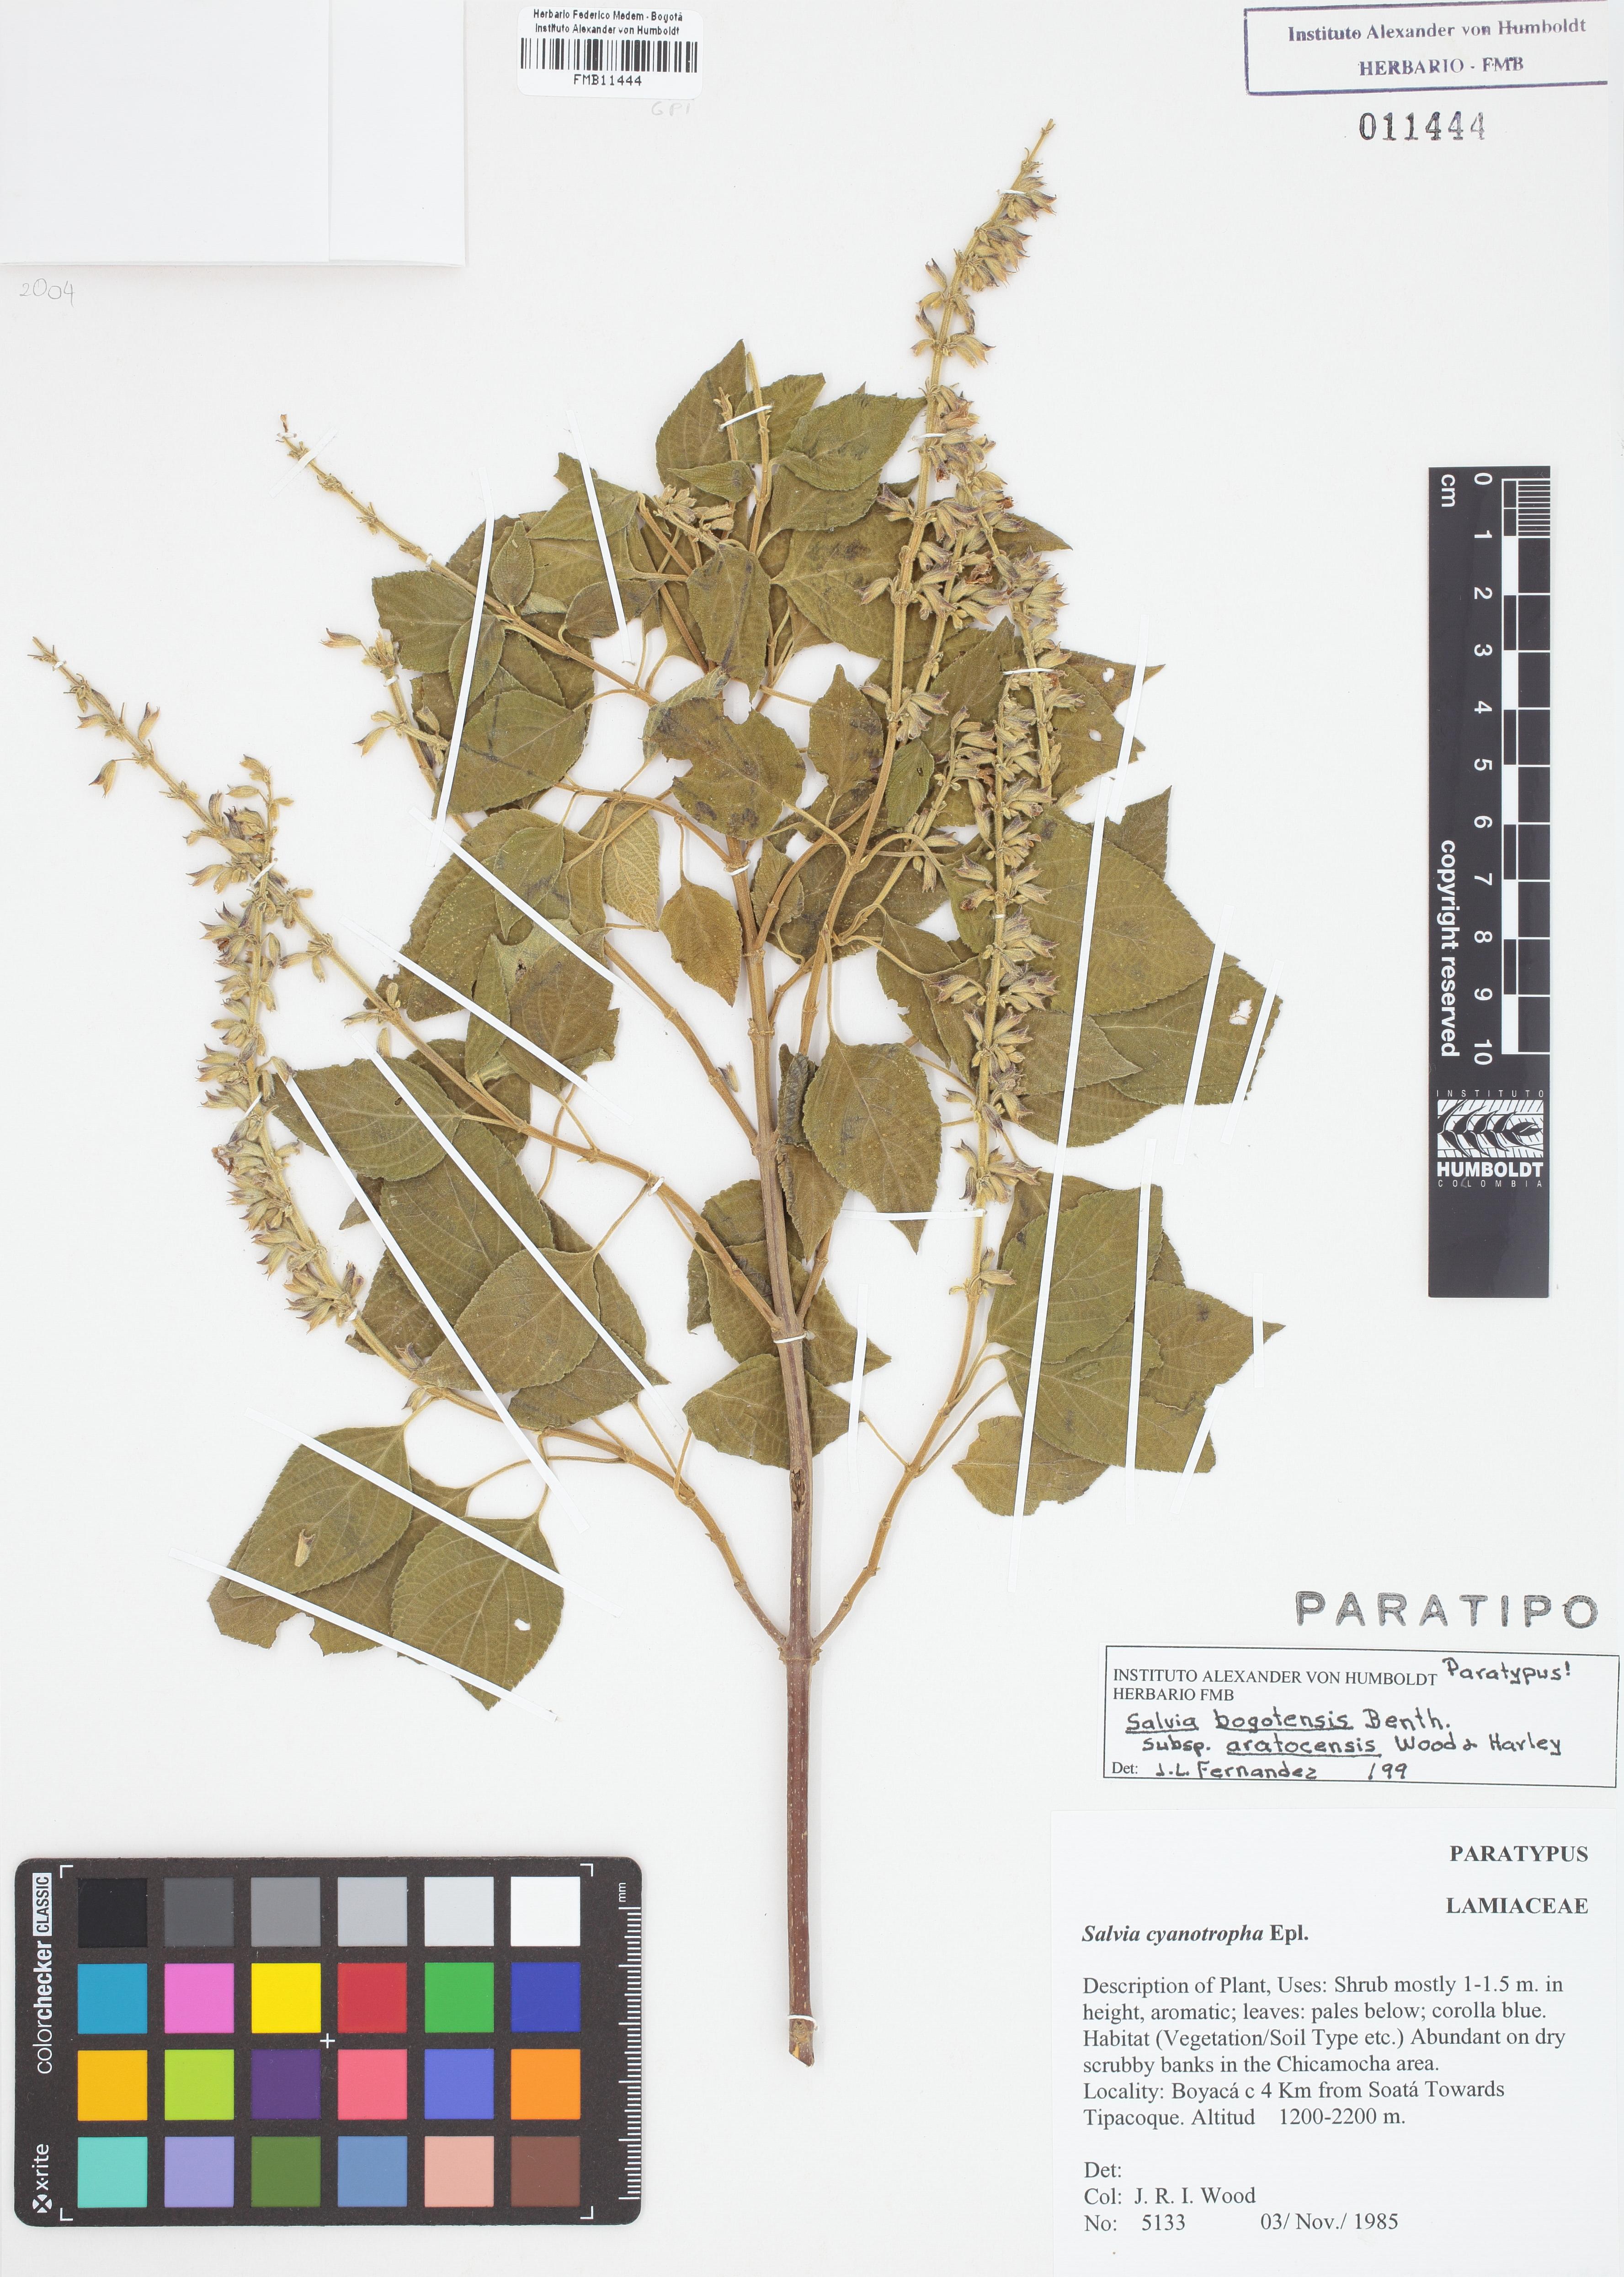 Paratipo de <em>Salvia bogotensis</em> subsp. <em>aratocensis</em>, FMB-11444, Fotografía por Robles A.